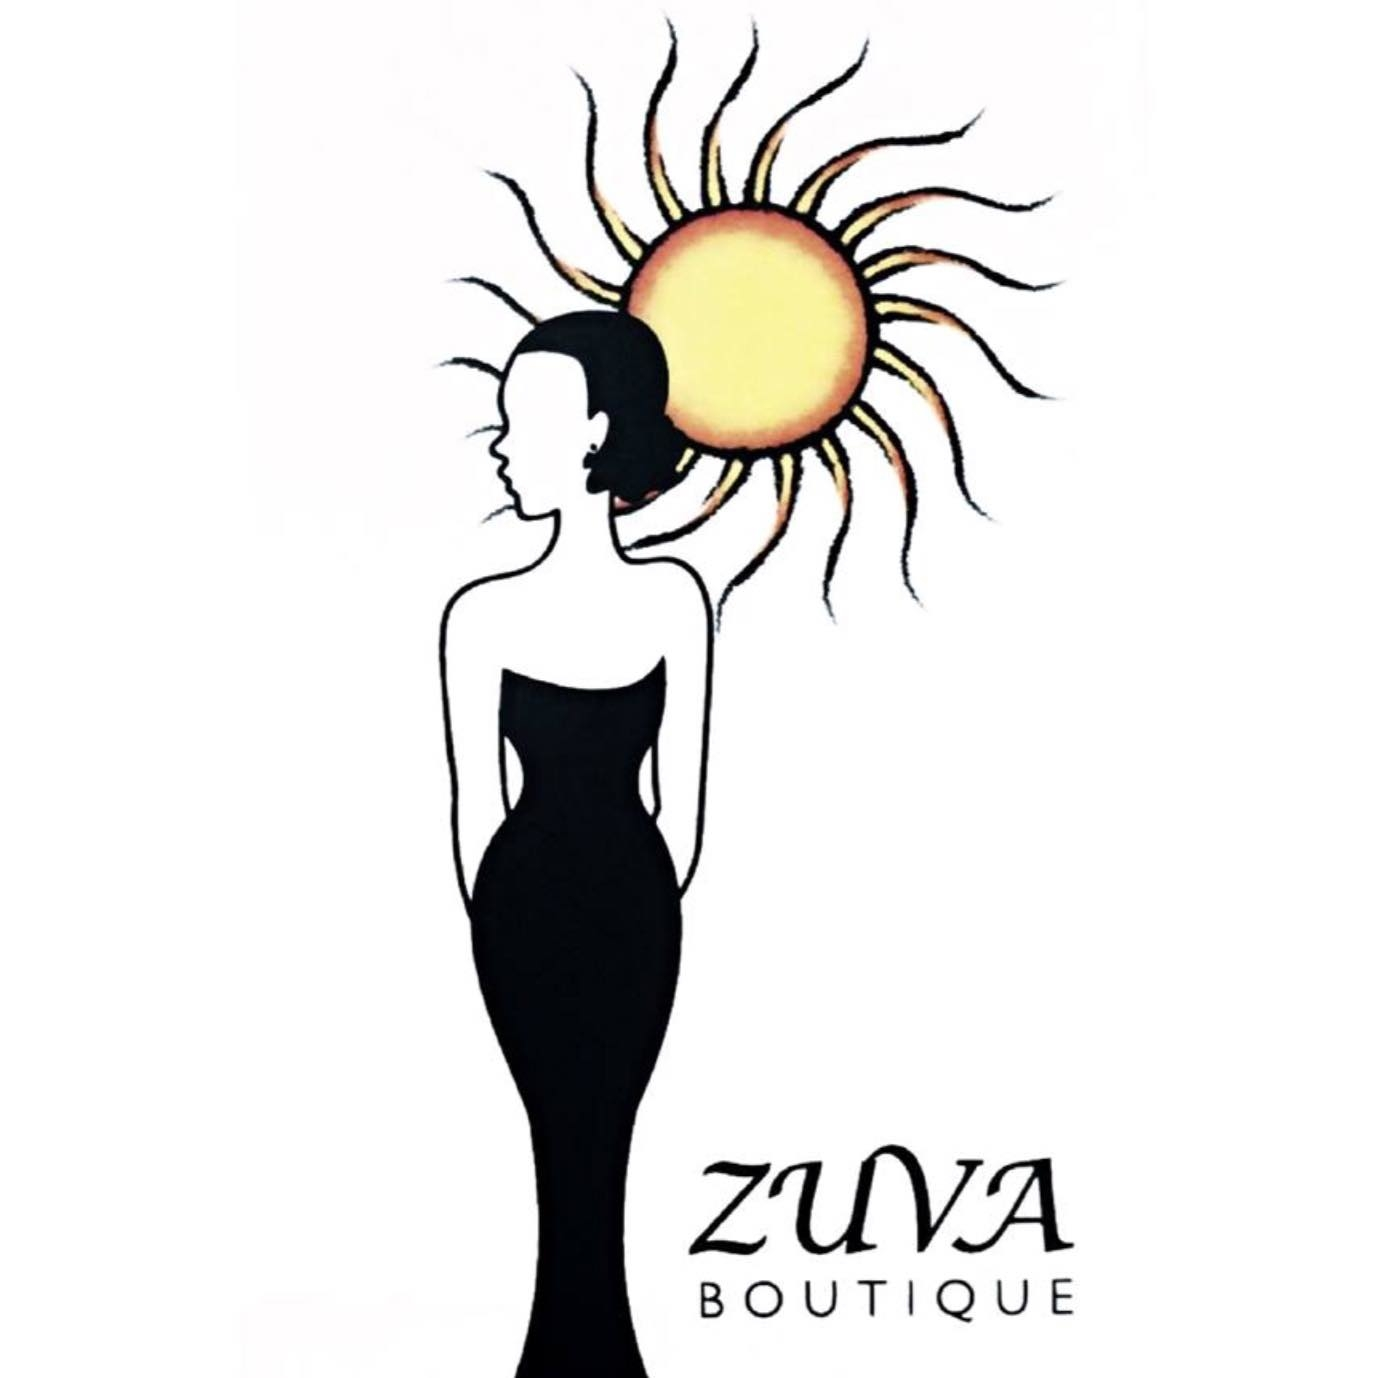 Zuva Boutique - Sacramento, CA 95814 - (916)431-7320 | ShowMeLocal.com